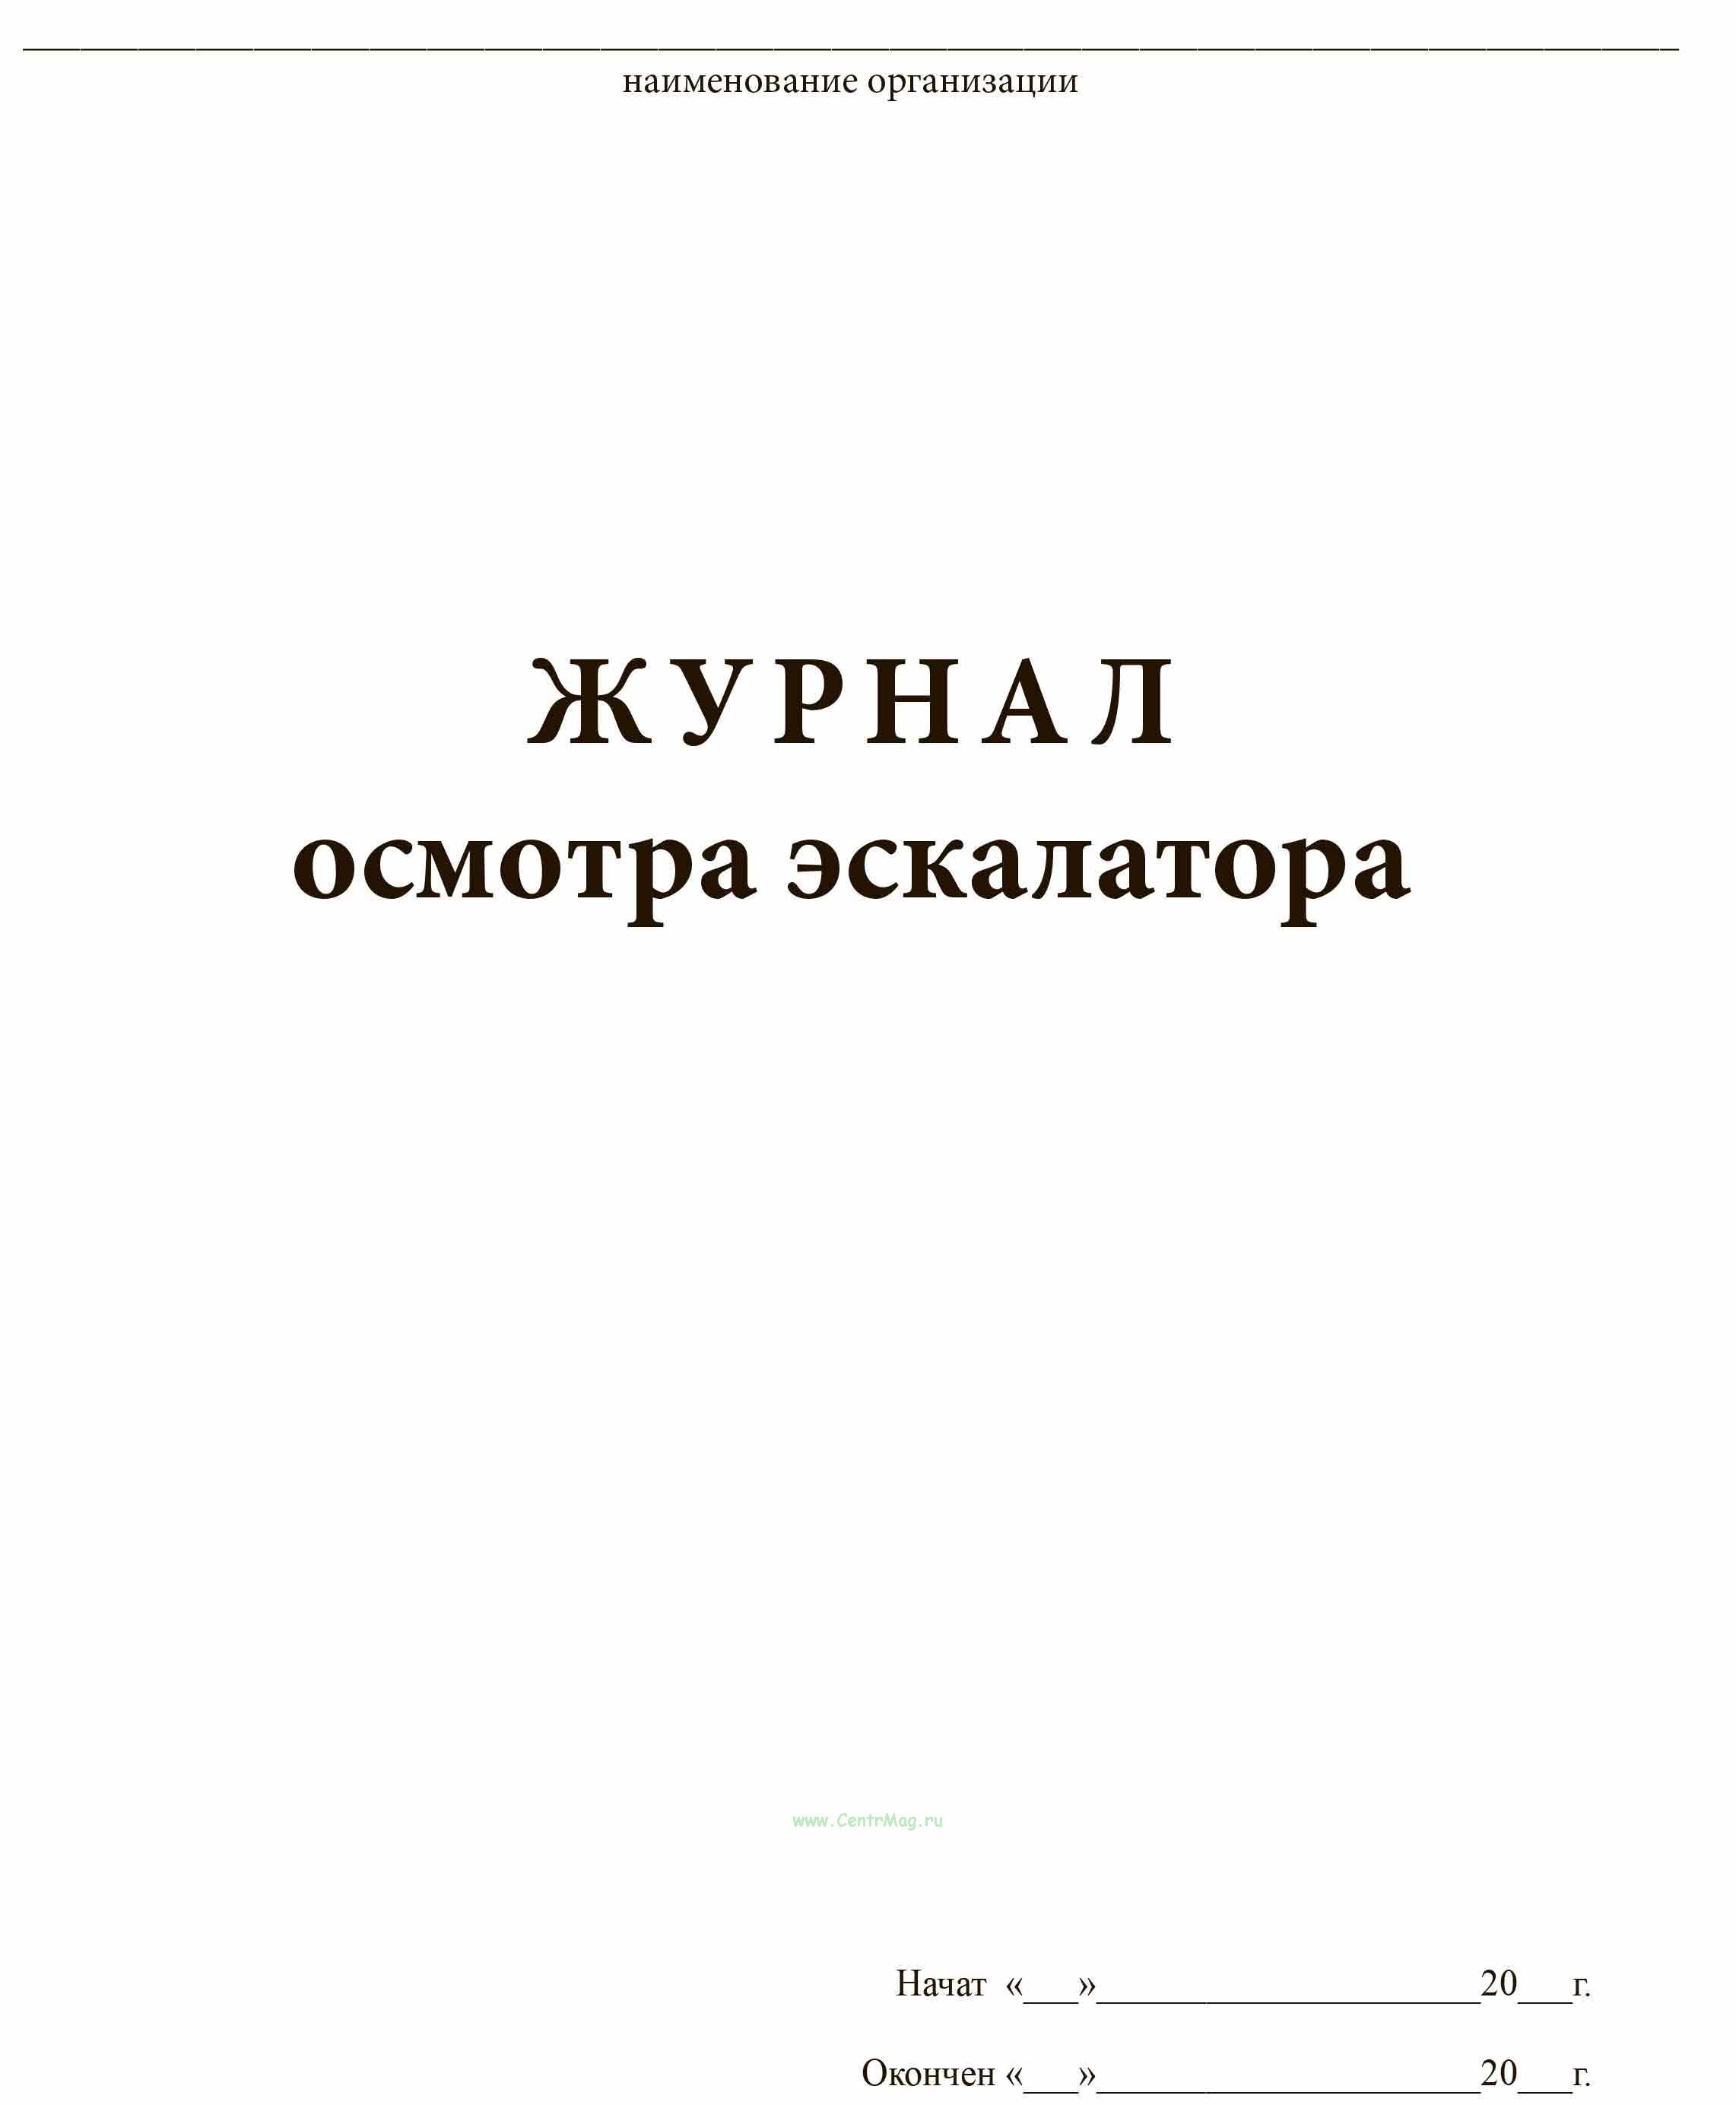 Журнал осмотра эскалатора